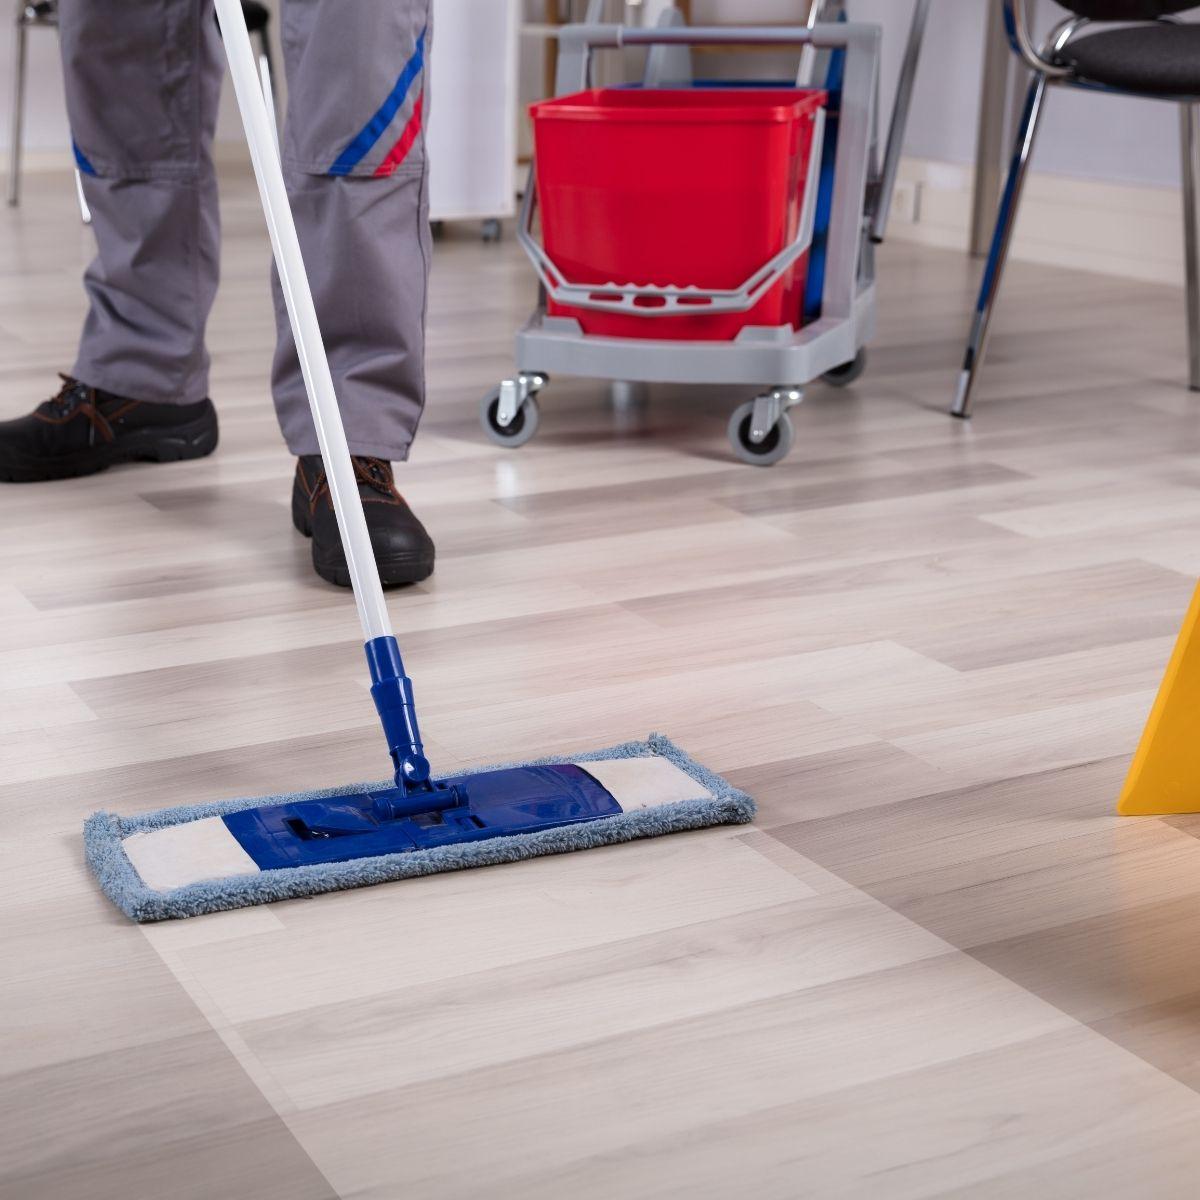 Réaliser une prestation de nettoyage manuel